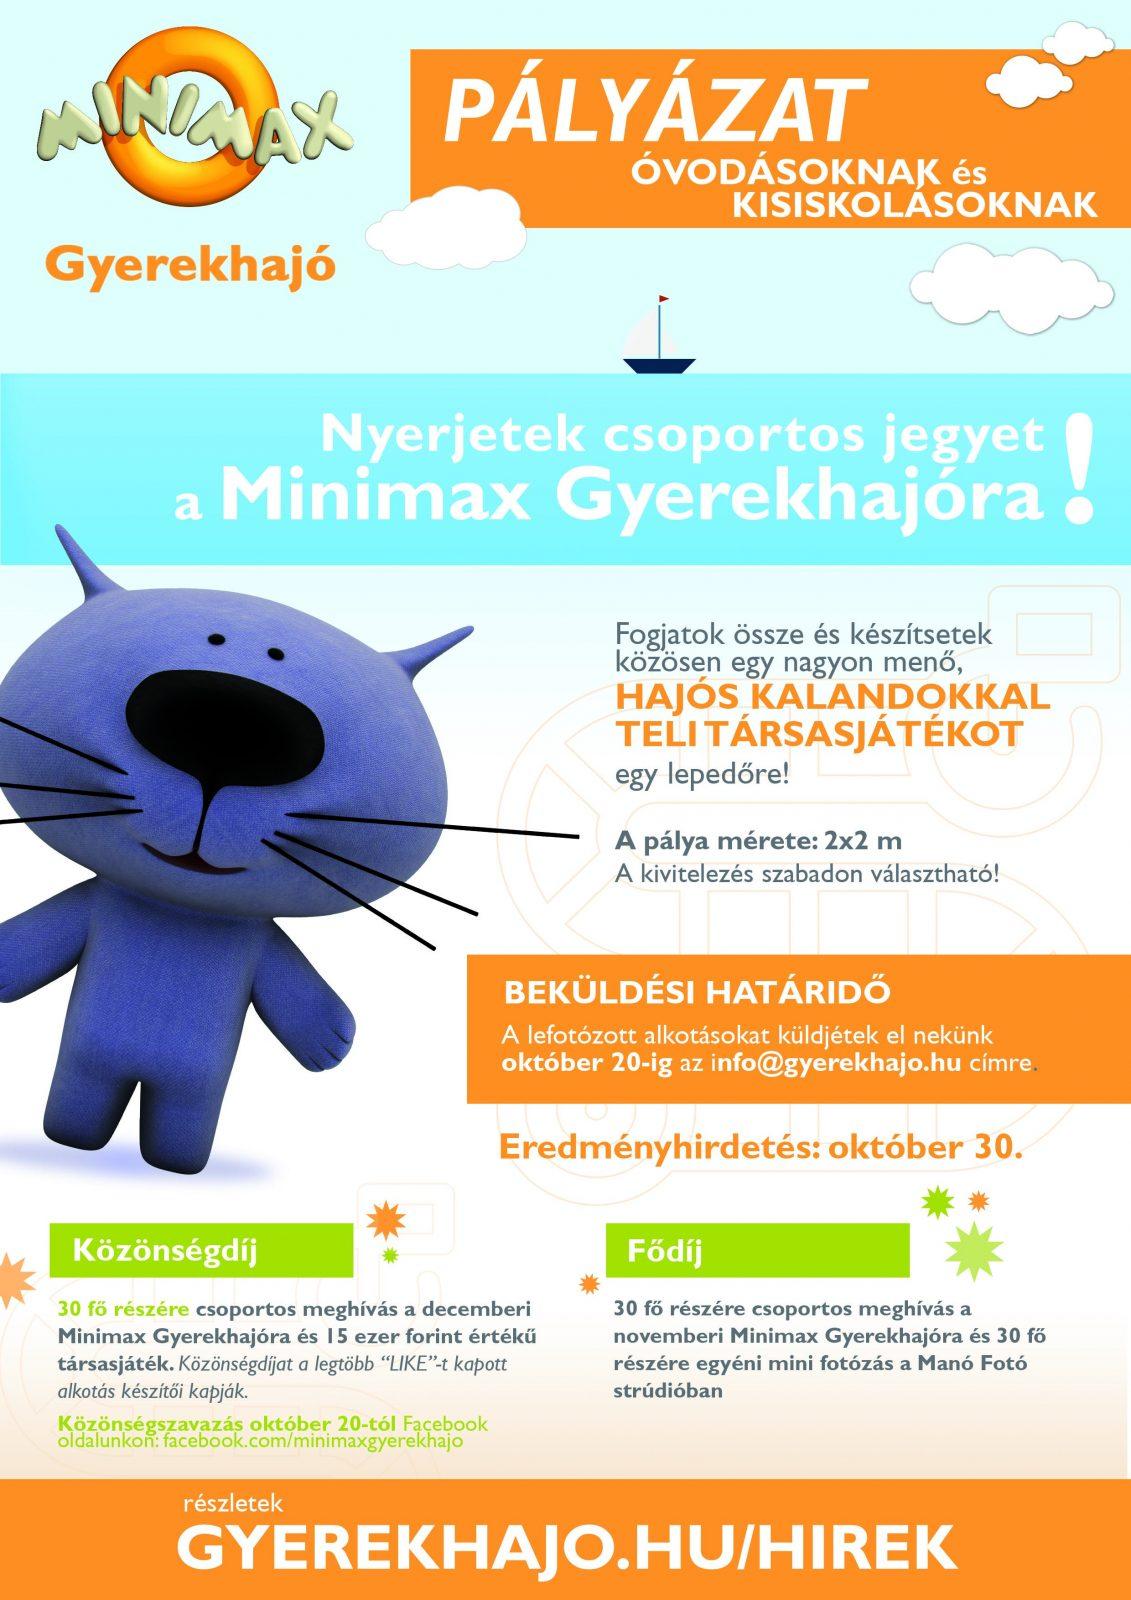 Készíts kalandos társasjátékot és nyerj Minimax Gyerekhajó kirándulást! – PÁLYÁZAT